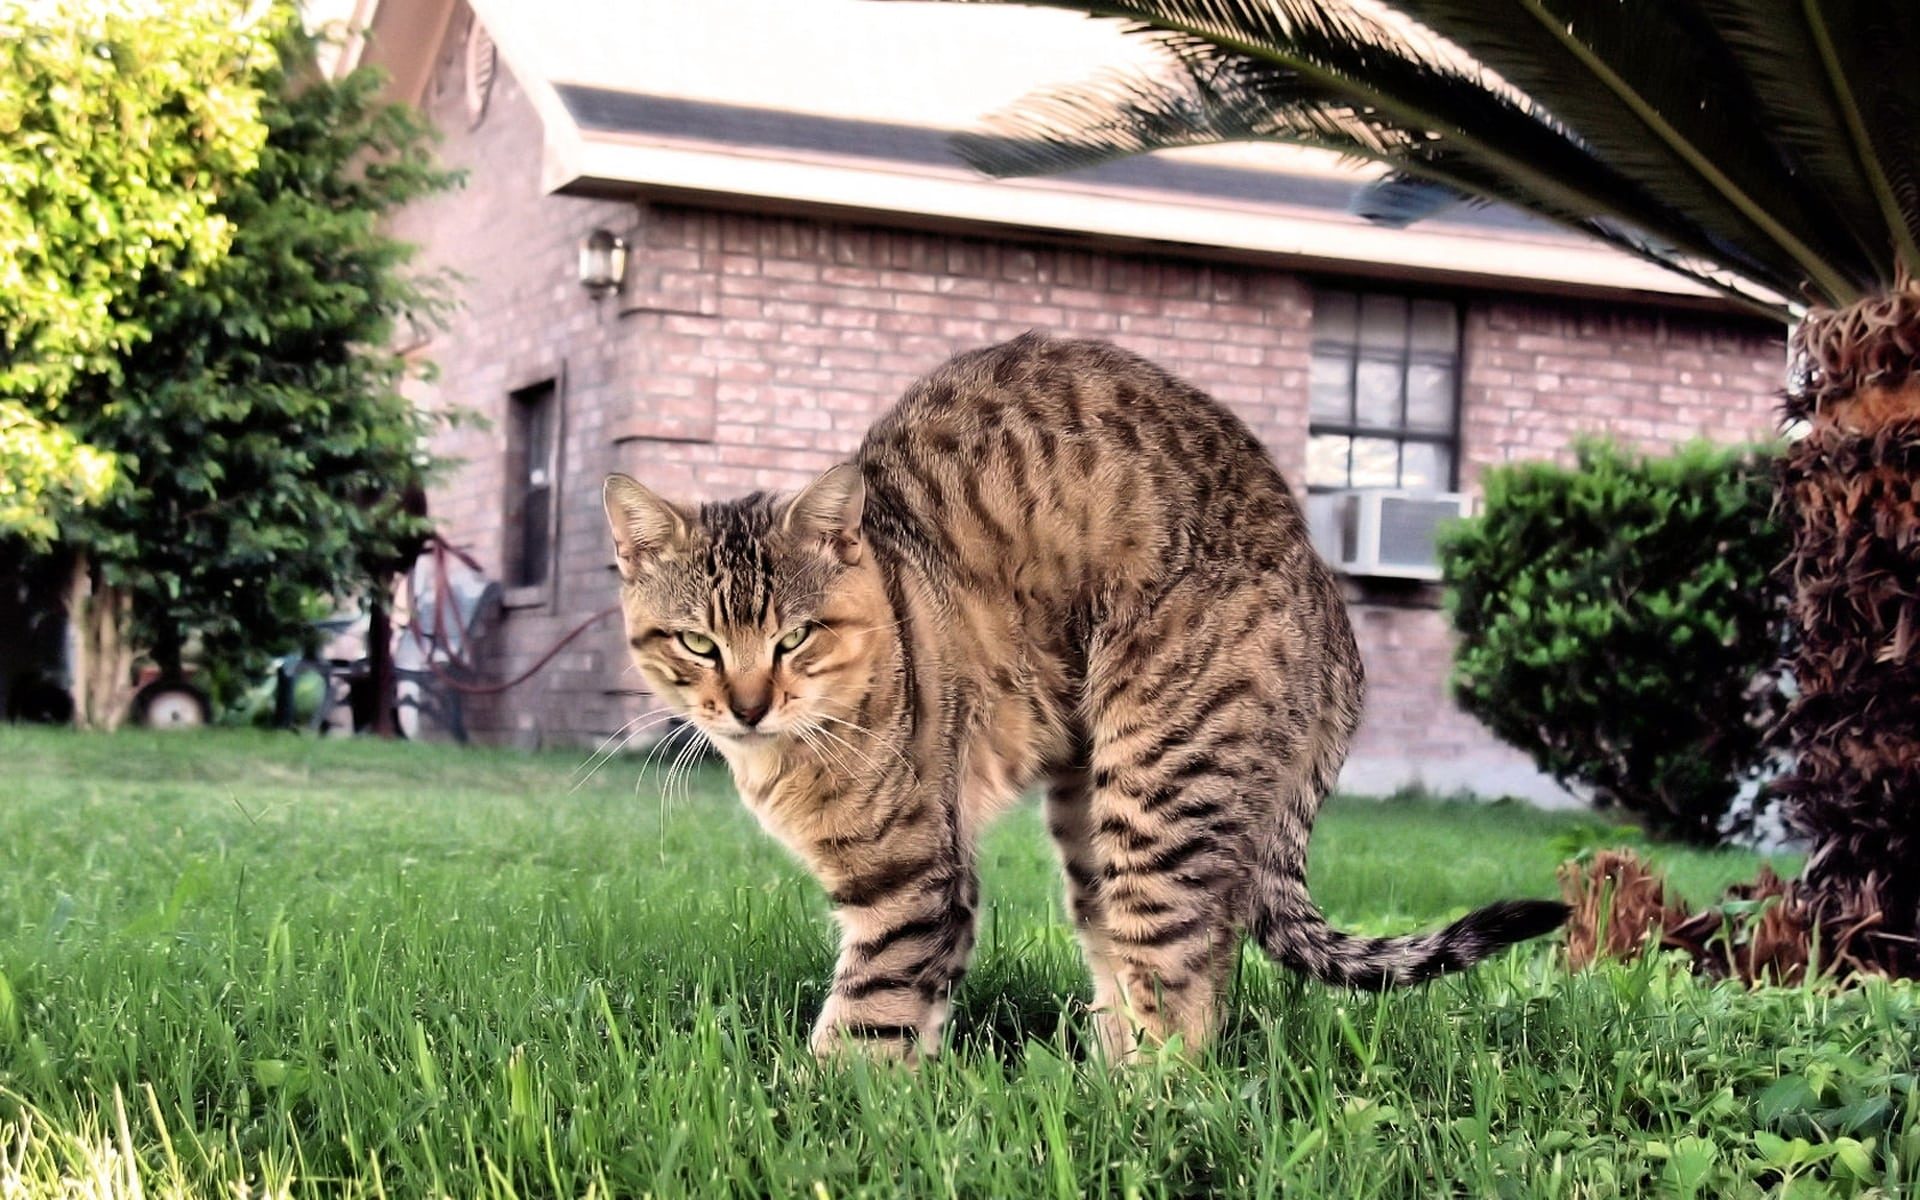 Насколько трудно сделать уличную кошку домашней и всегда ли это возможно?